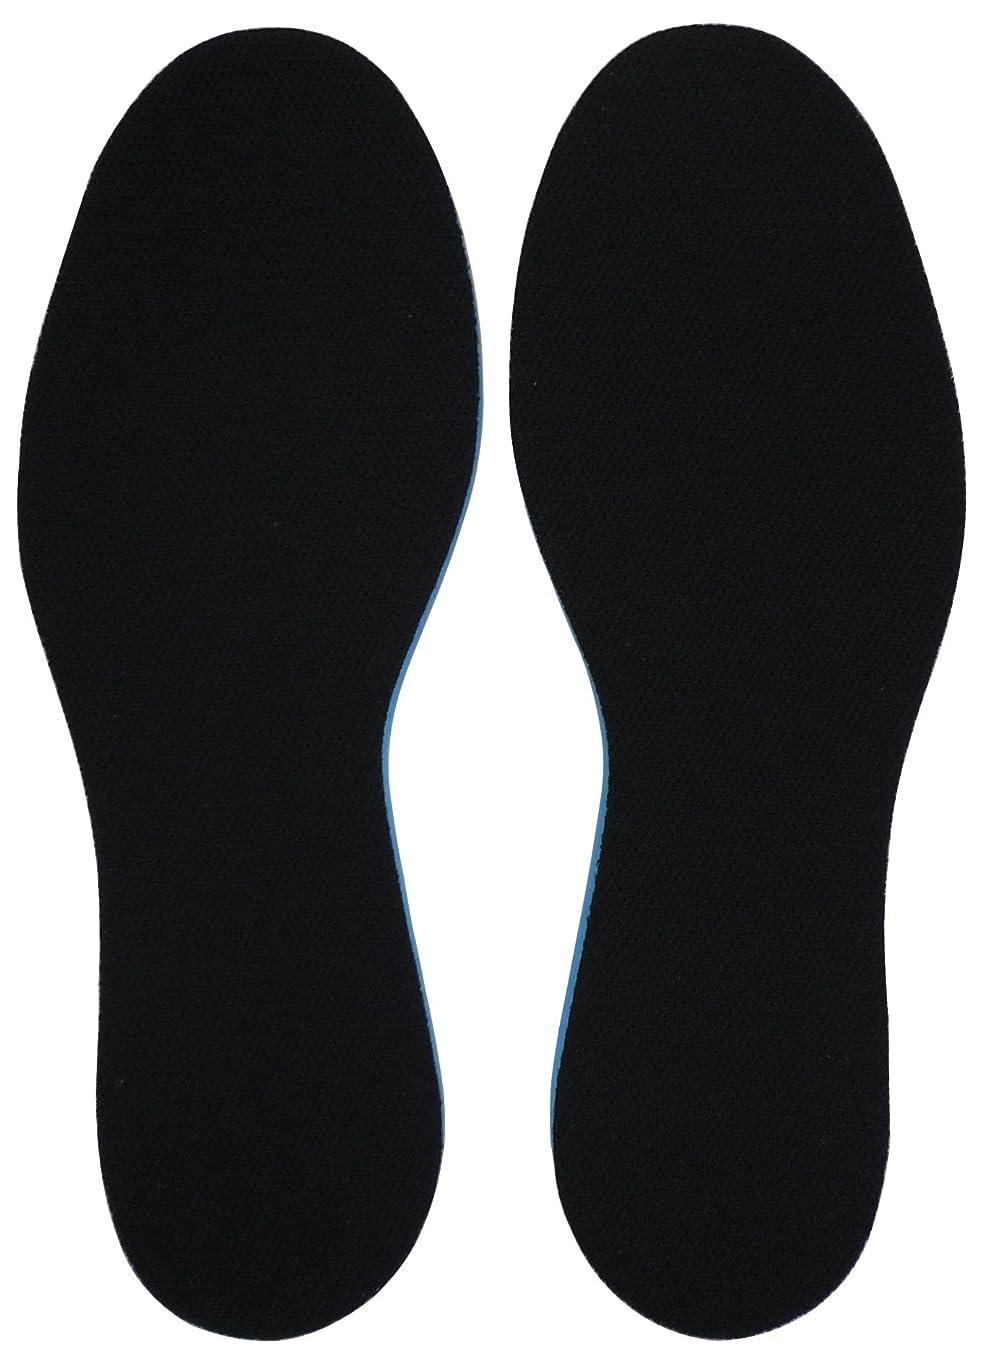 変なやがてマトリックス[コロンブス] MEGA(メガ) 厚サイズフィッターインソール 173057